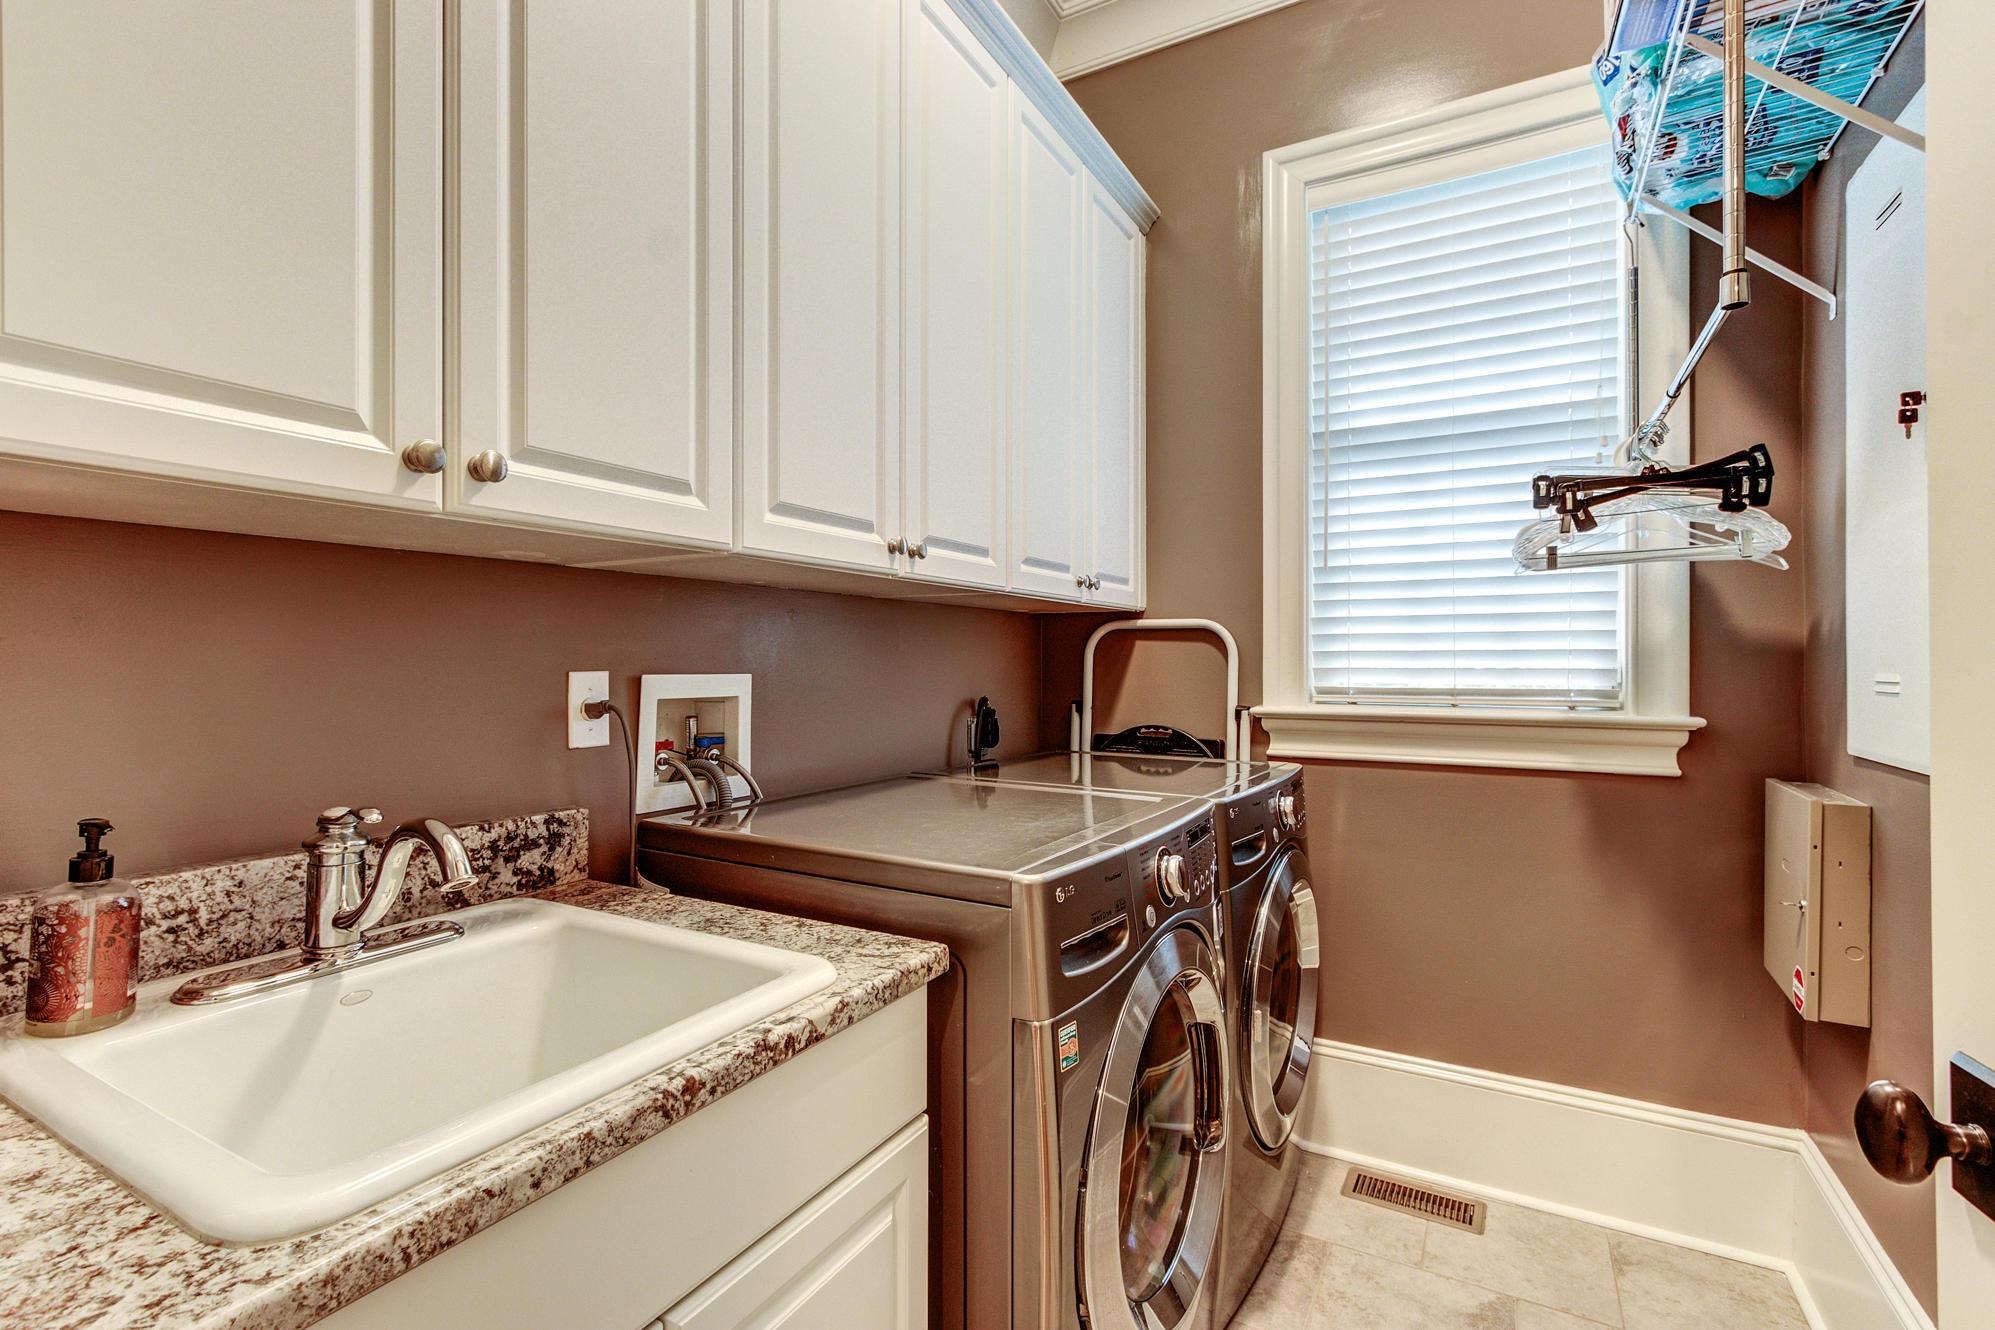 Park West Homes For Sale - 1527 Capel, Mount Pleasant, SC - 0